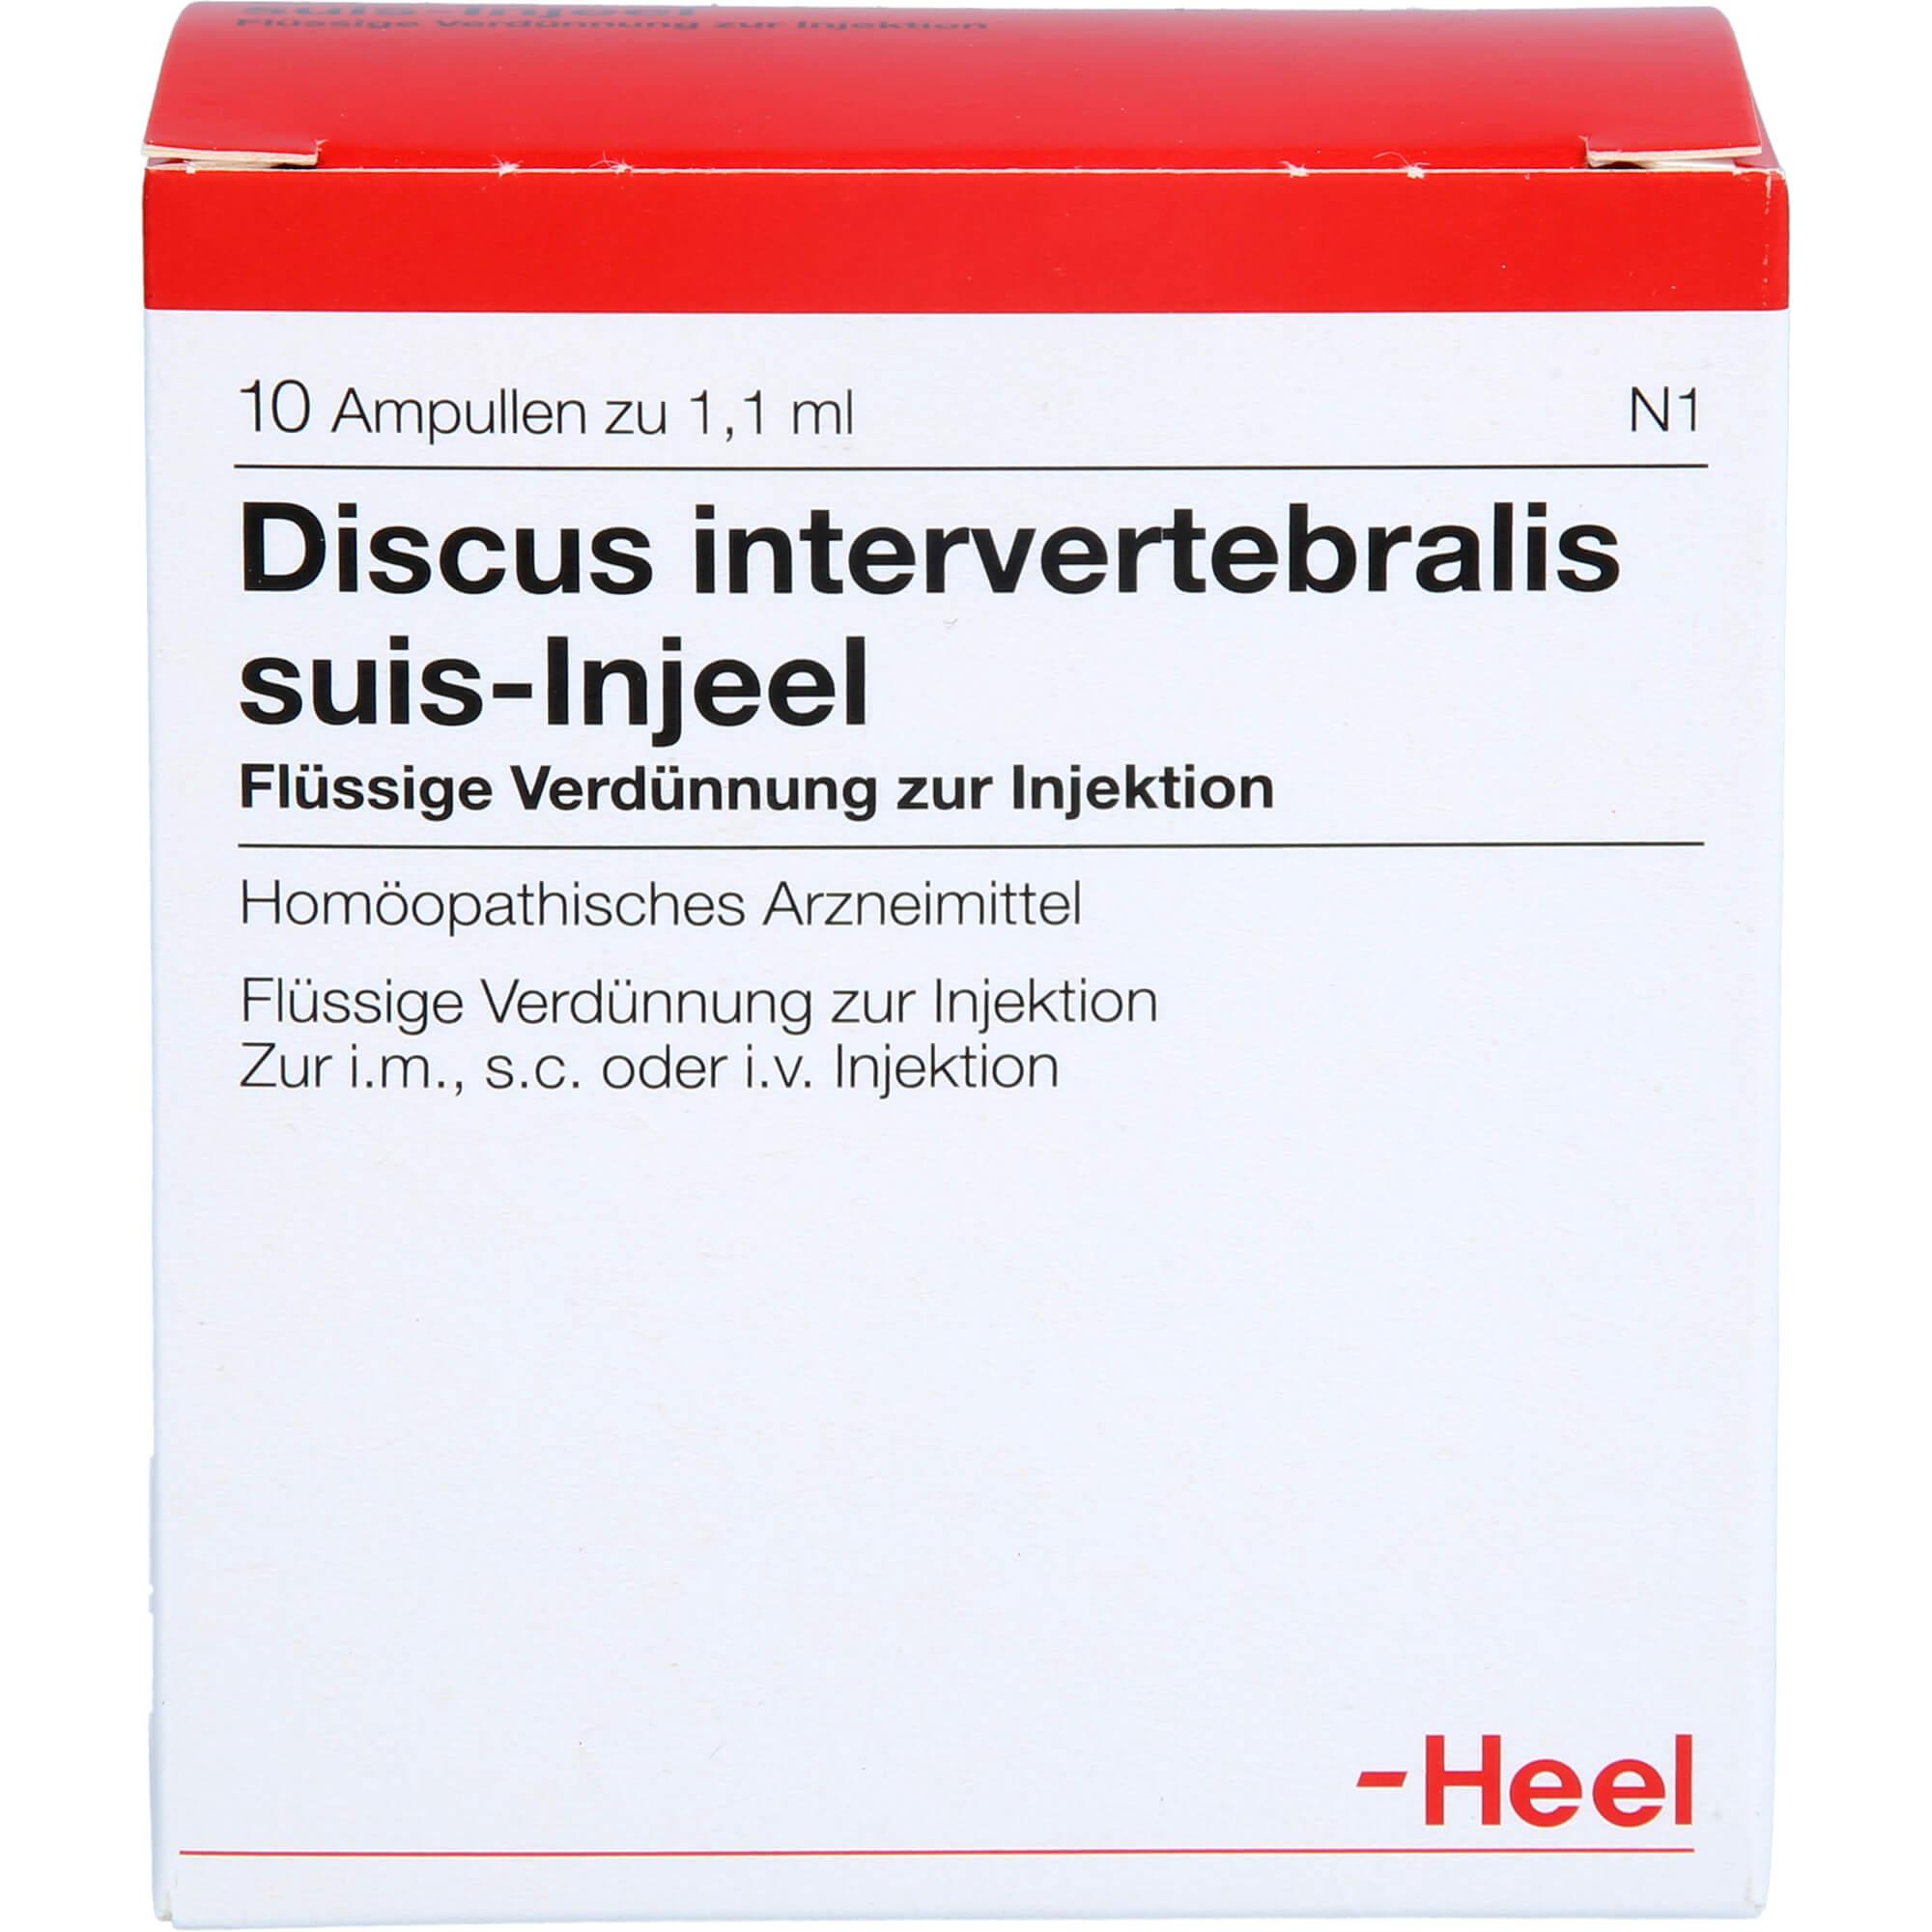 DISCUS INTERVERTEBRALIS suis Injeel Ampullen